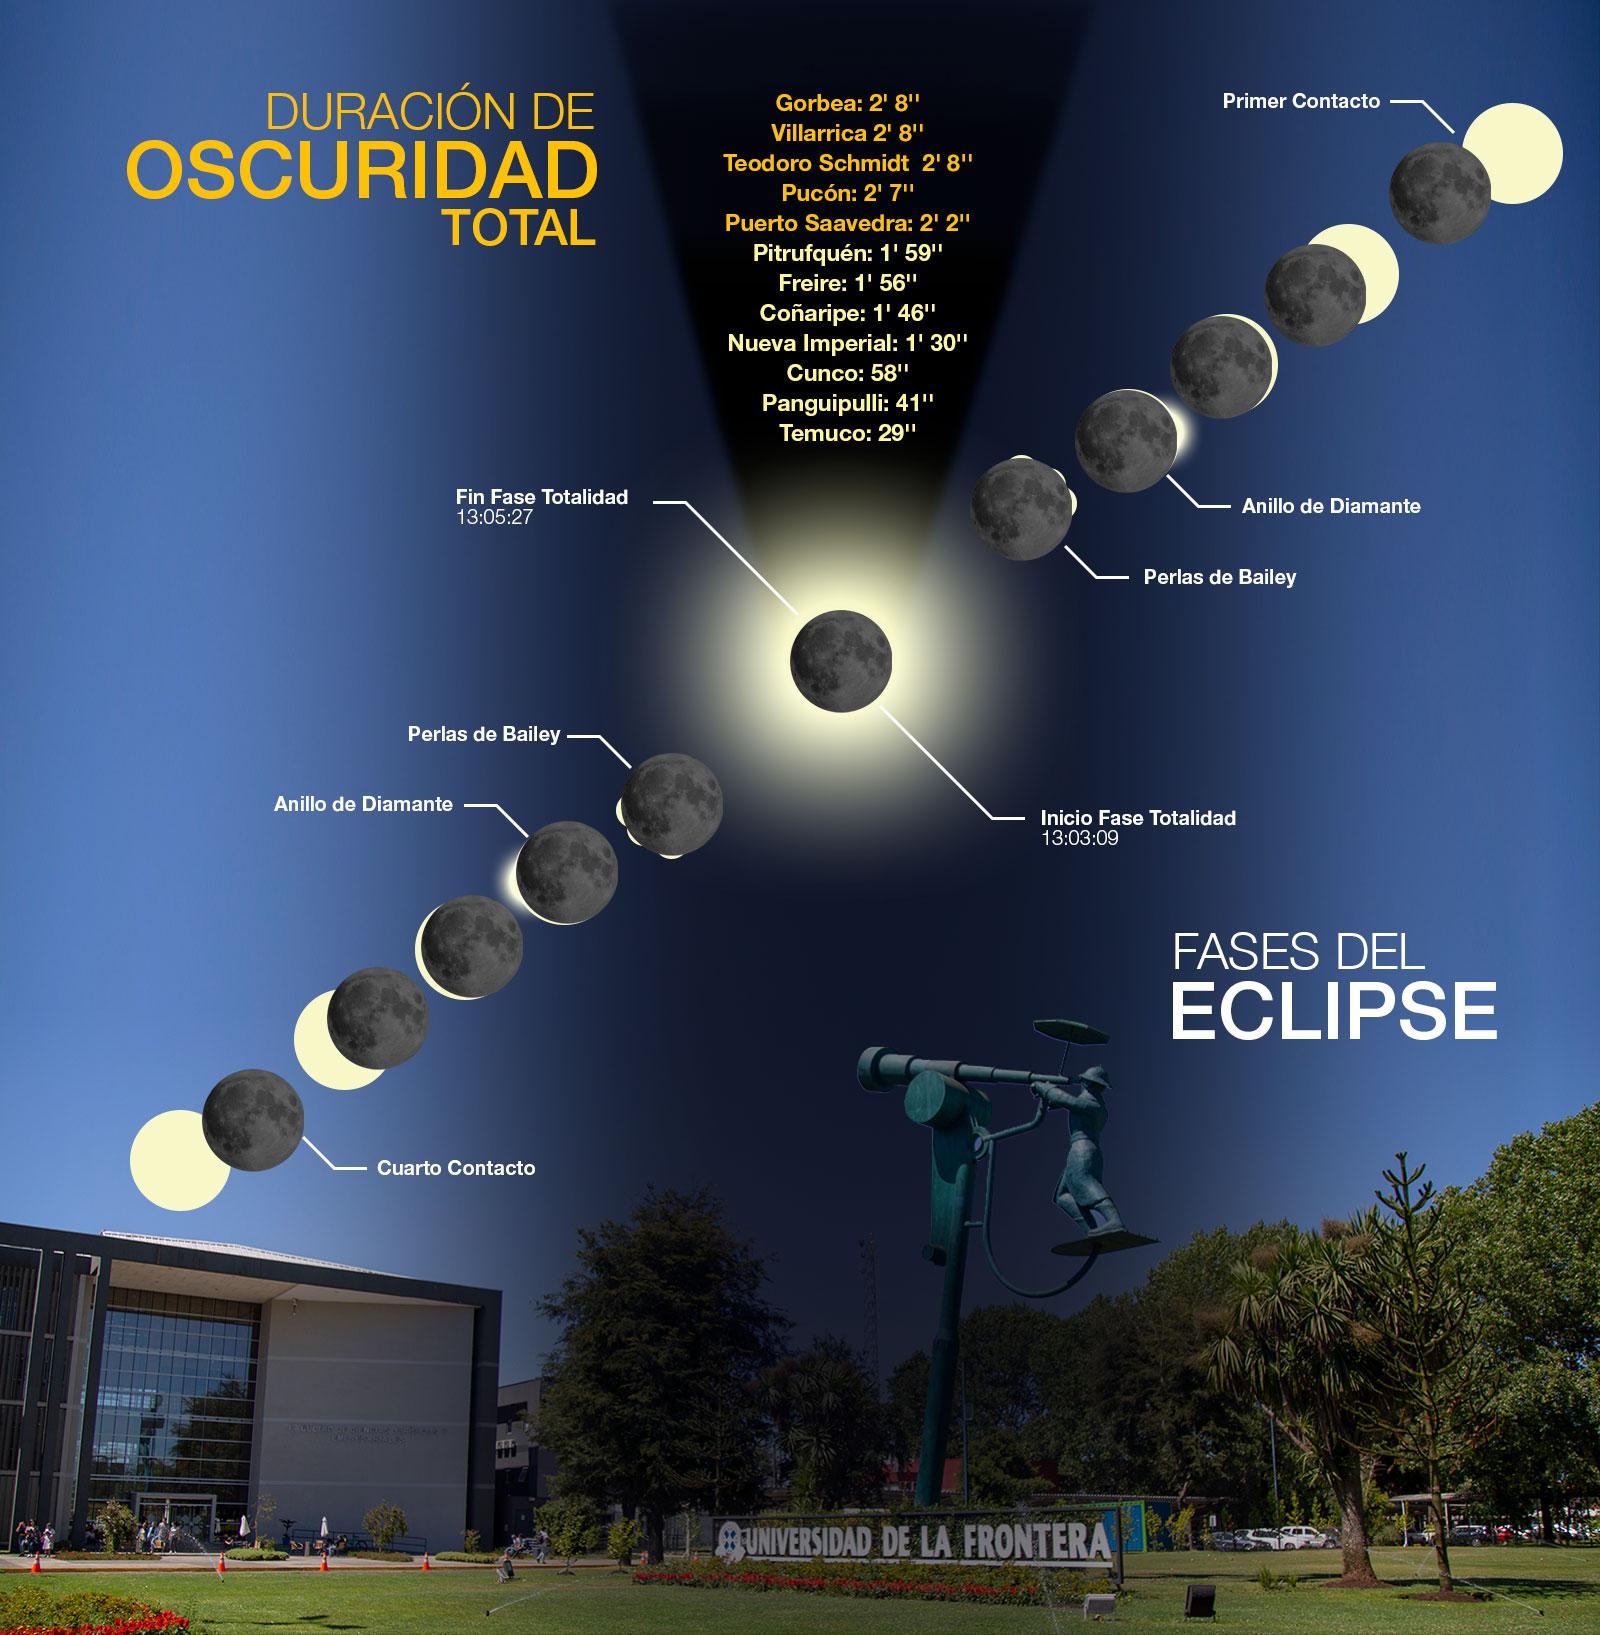 fases 2020 del eclipse en temuco